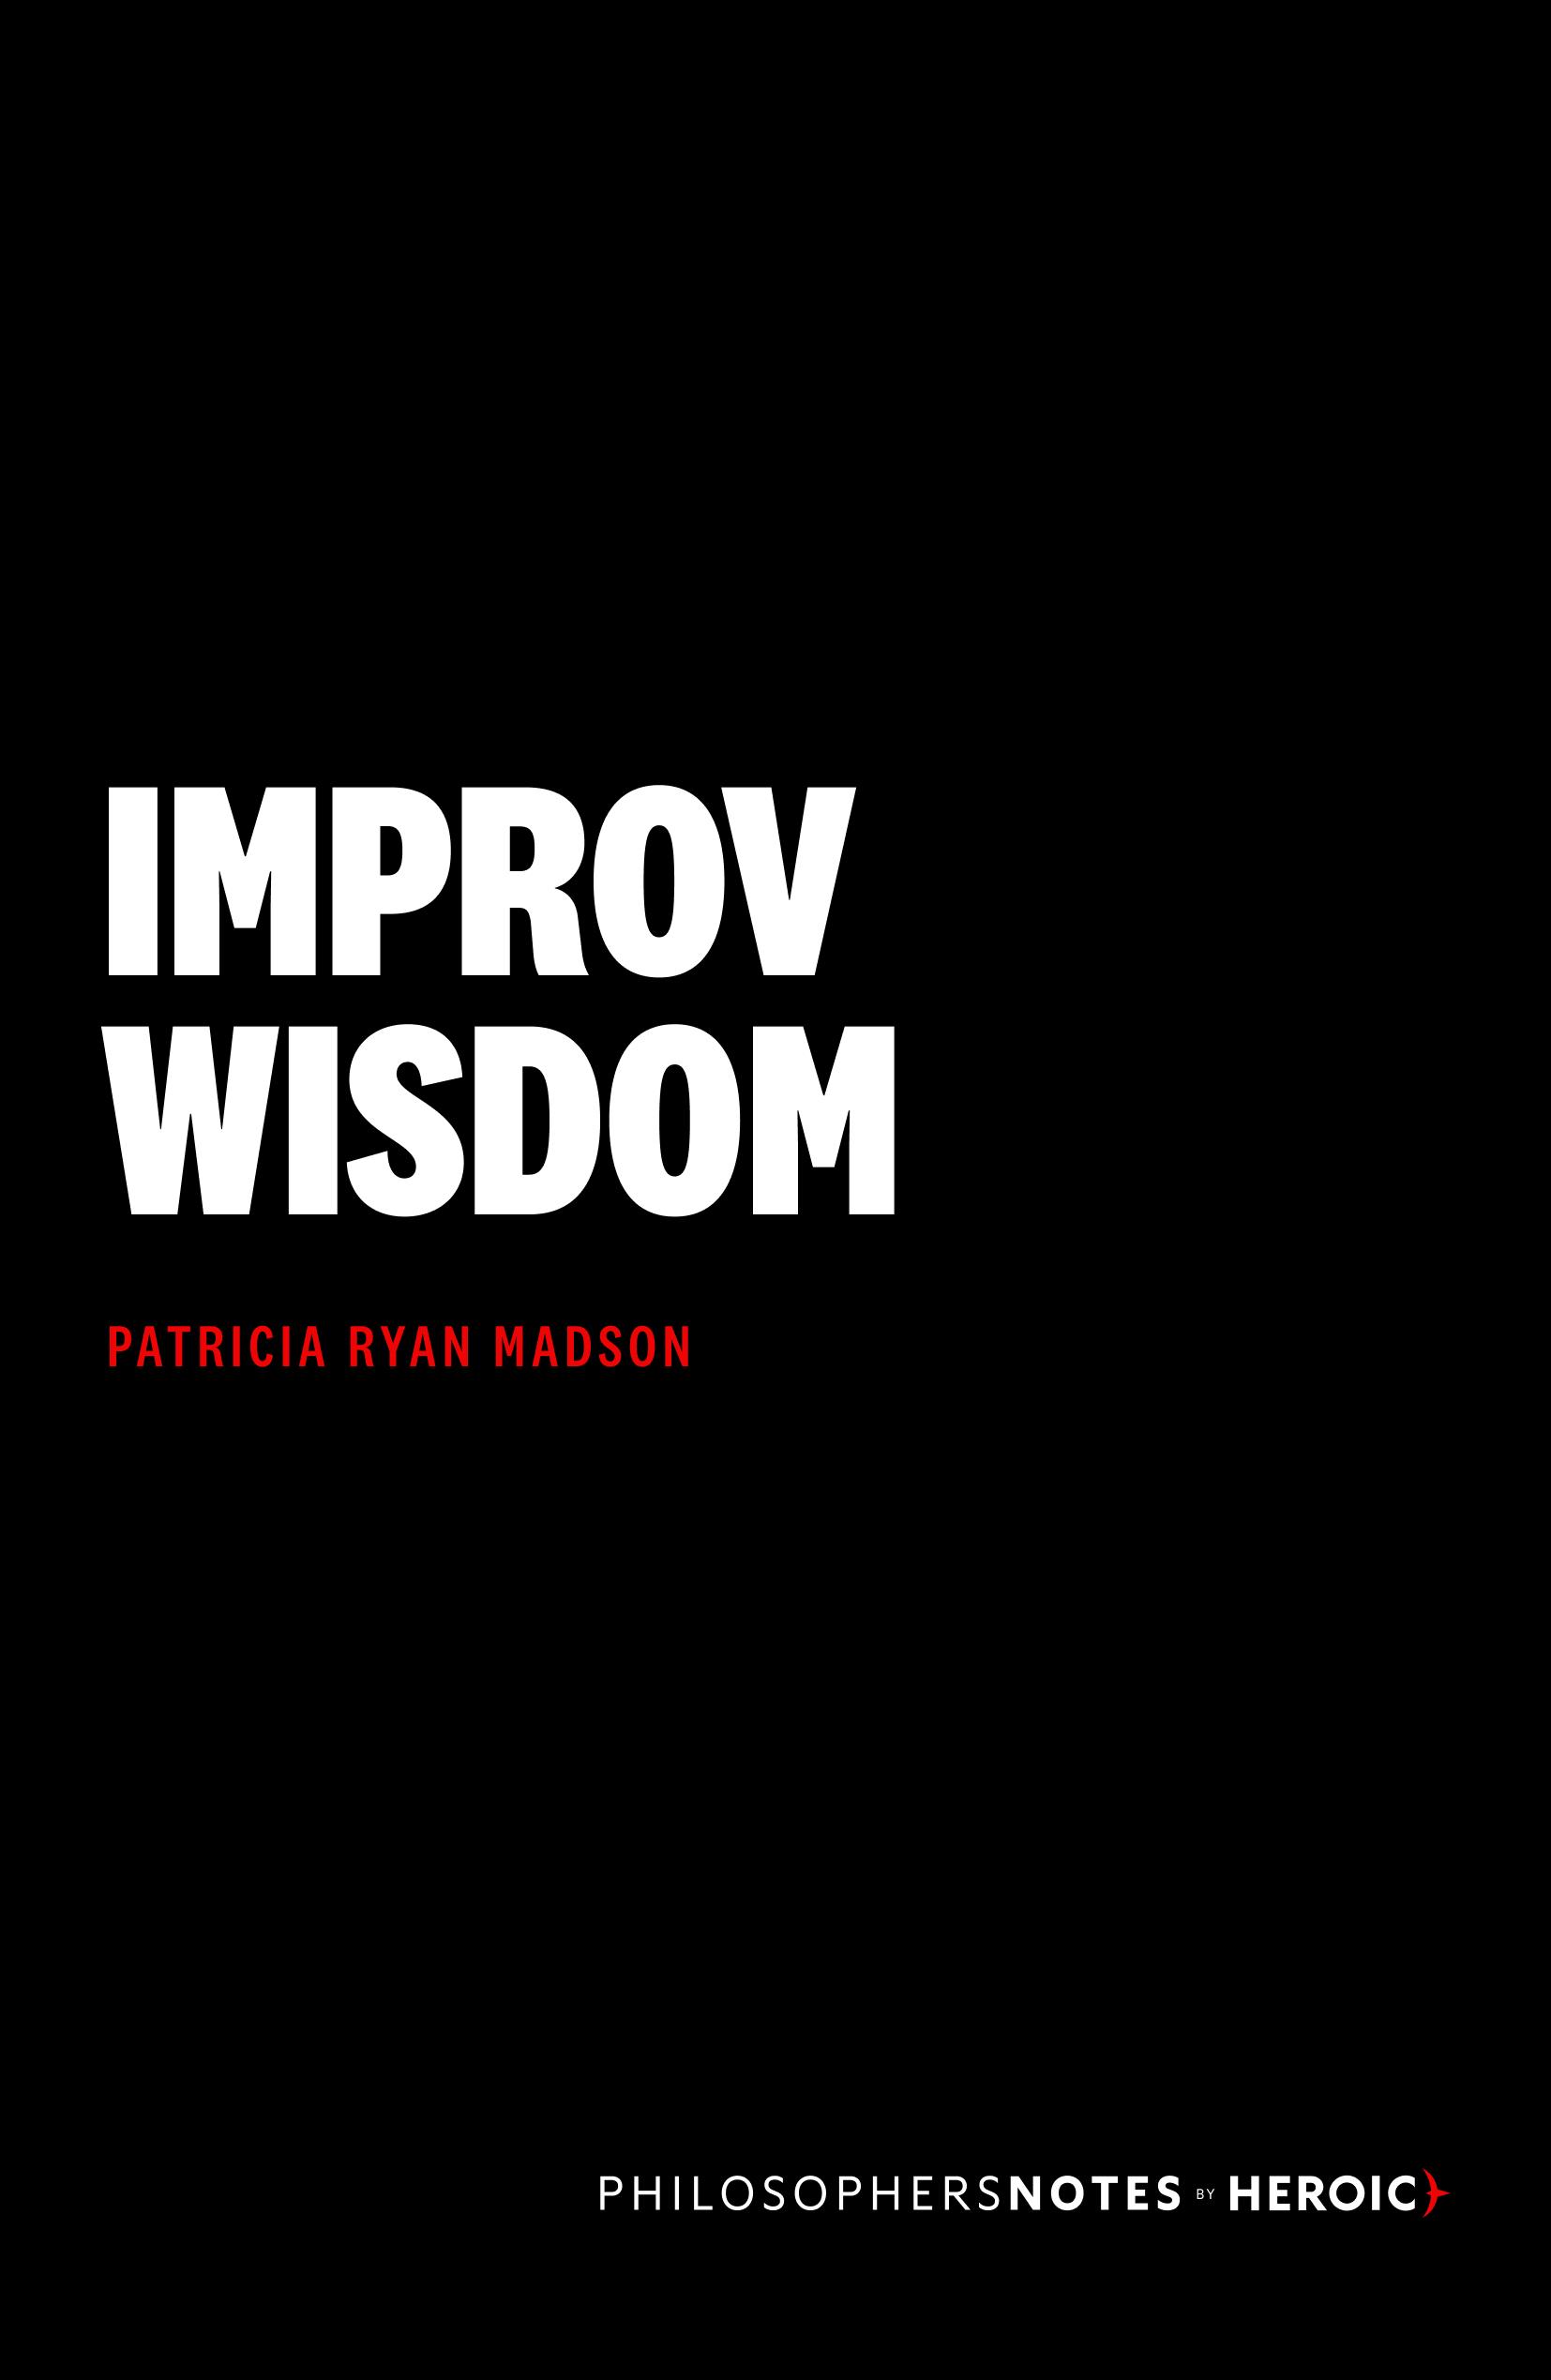 Improv wisdom